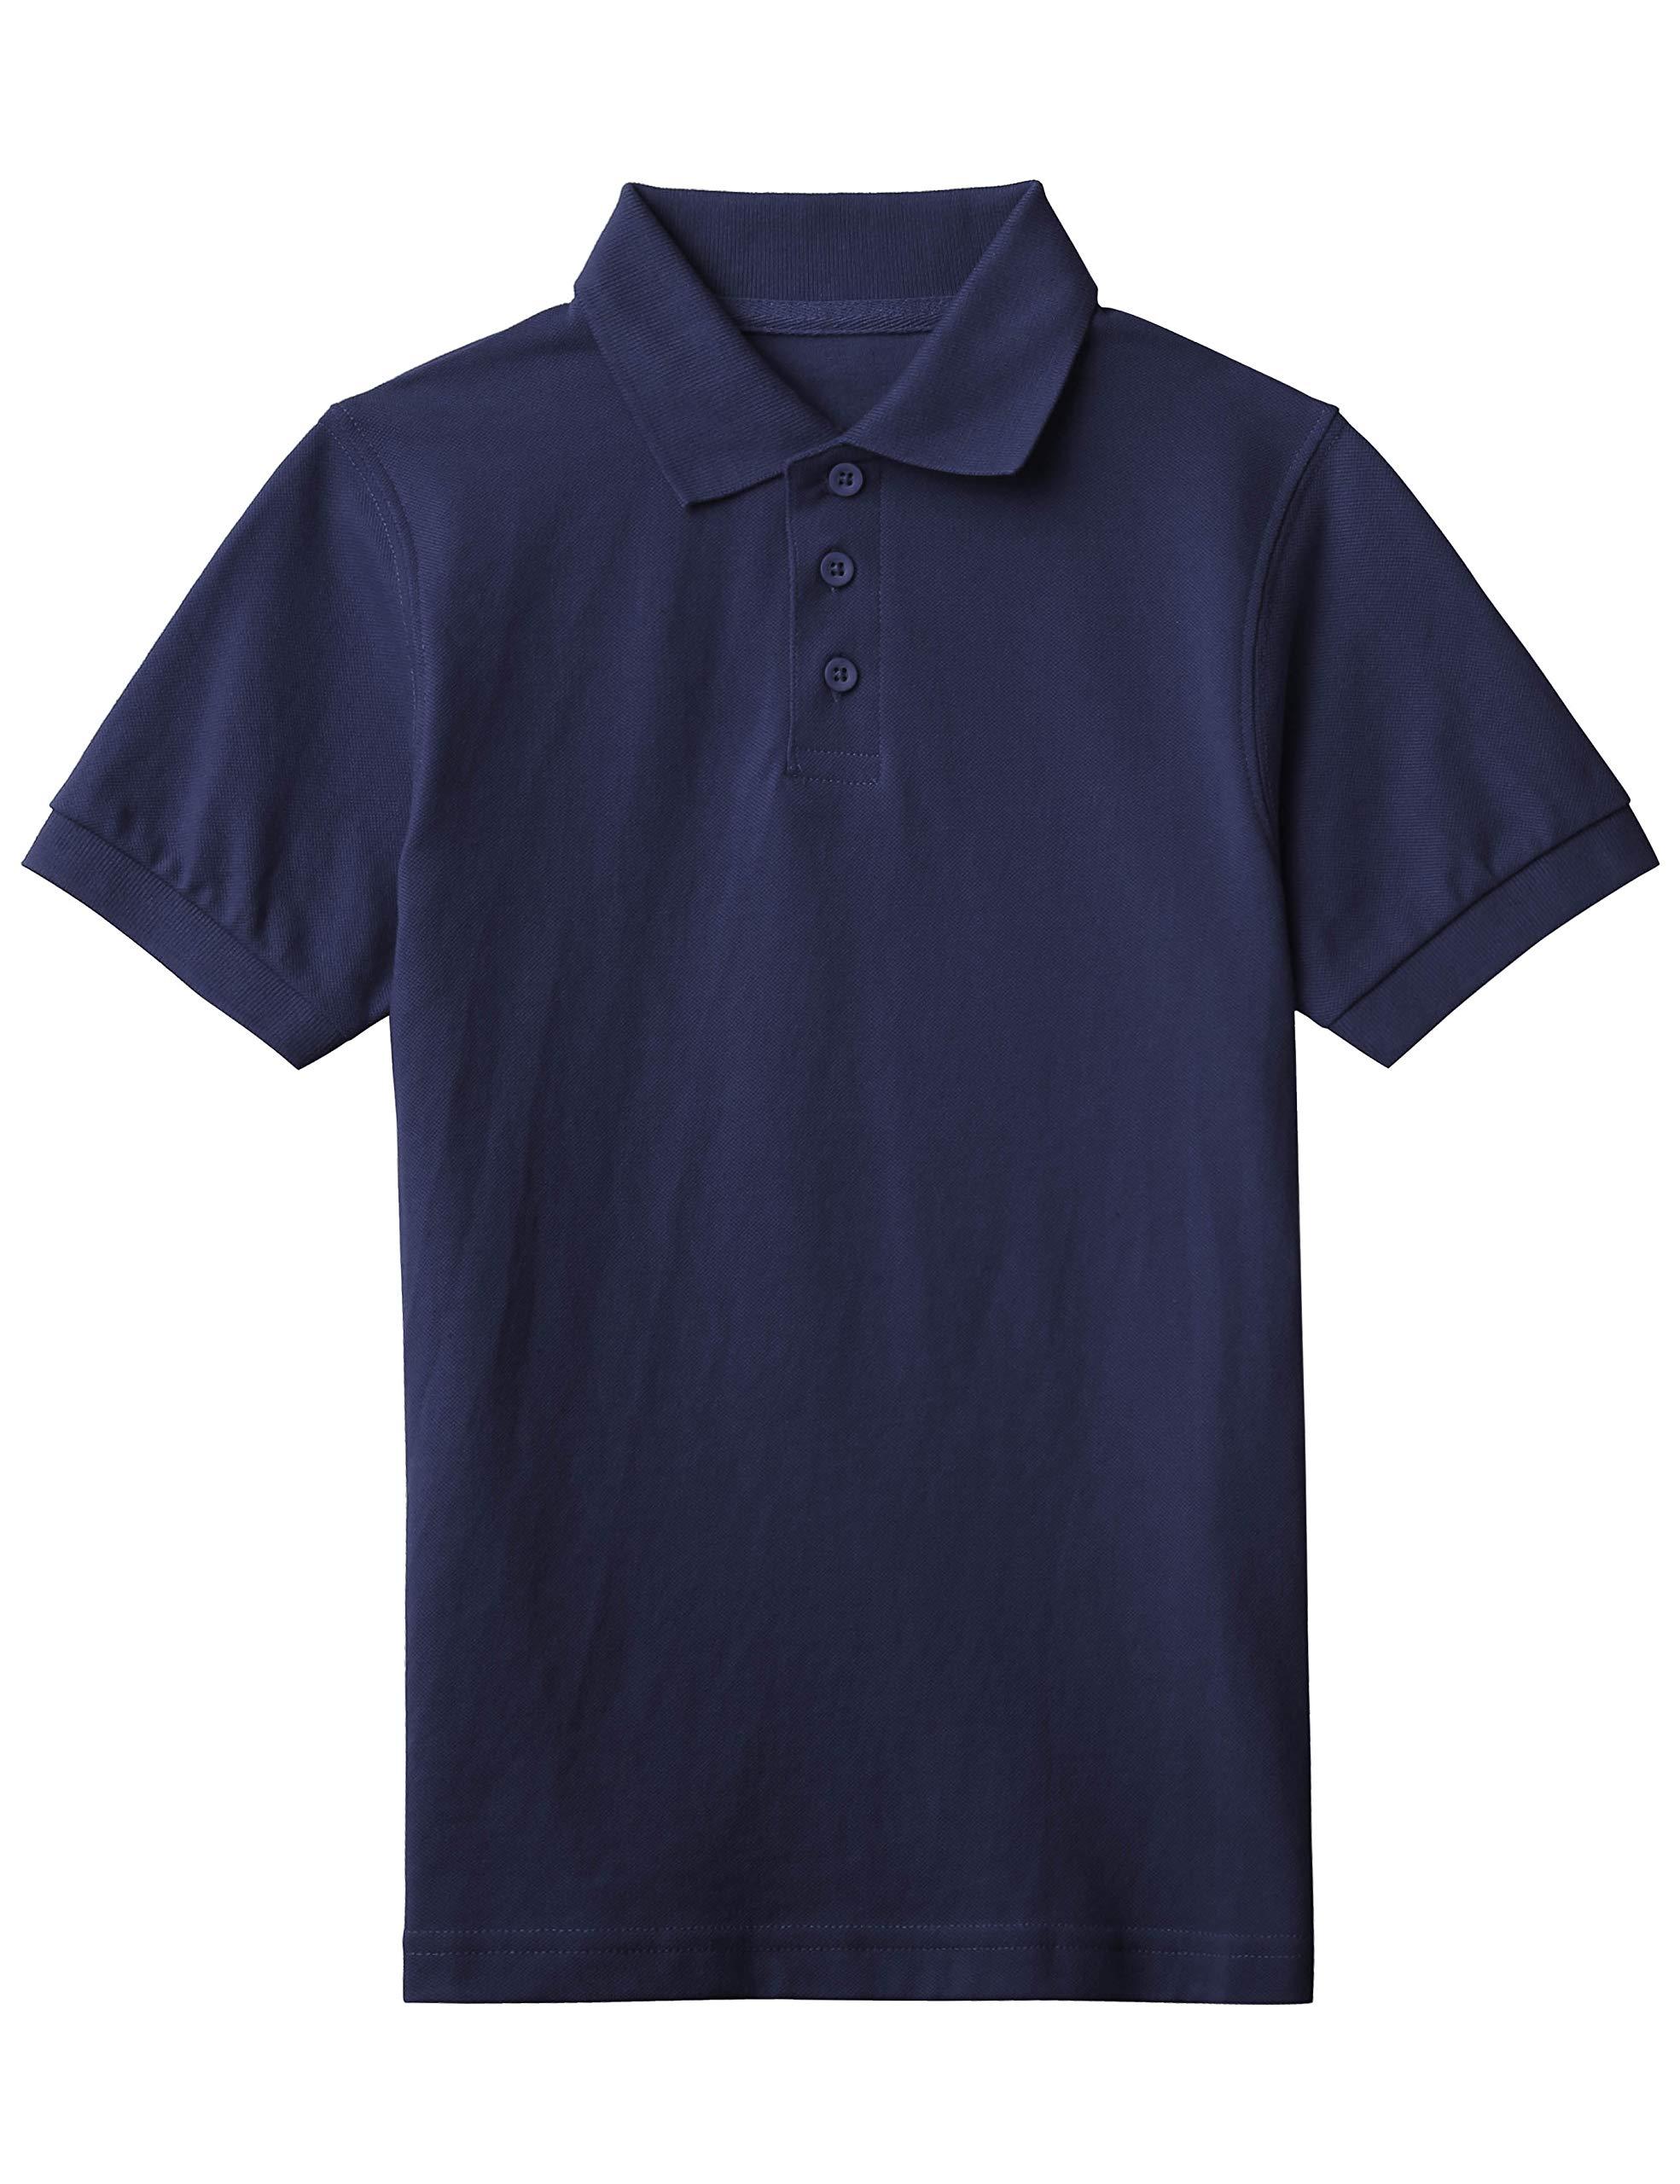 Ma Croix Kids Polo Solid Cotton Uniform